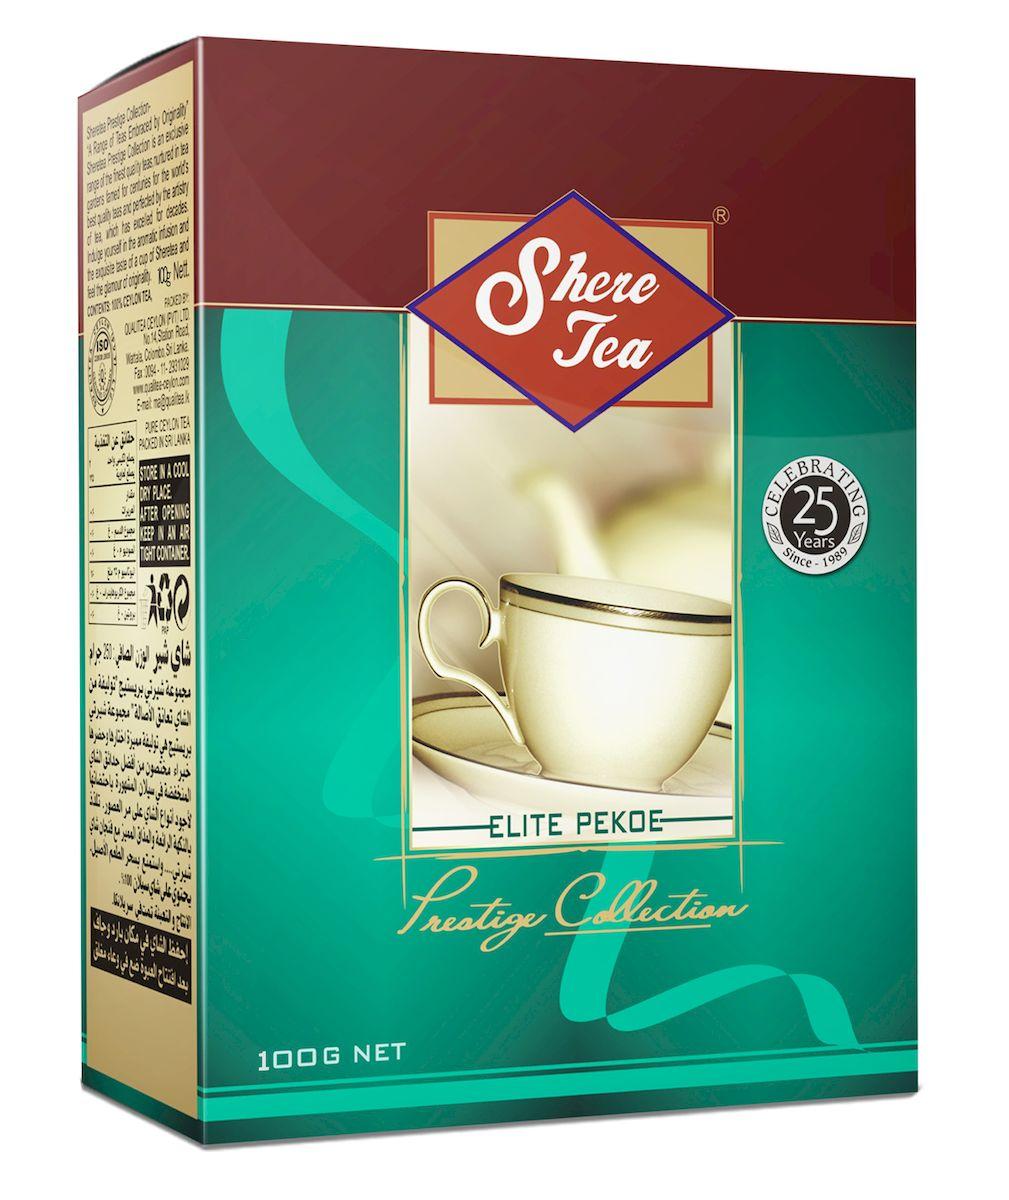 Shere Tea Престижная коллекция. PEKOE чай черный листовой, 100 г4791014000310Shere Tea Prestige Collection - это эксклюзивные сорта лучшего 100% цейлонского чая, выращенного в гористой местности на золотых плантациях, знаменитых более столетия. Вы получите наслаждение от аромата и особенного вкуса в каждой чашке чая Шери и прикоснетесь к очарованию его новизны. Чай Шери Престижная коллекция изготовлен из крупного листа стандарта РЕКОЕ. Этот чай состоит из более коротких и более взрослых, чем OP листьев. В сбор идут, как правило, вторые от почки листья. Поэтому в этом чае меньше содержание кофеина, чем в ОР, но зато он имеет более выраженную горчинку во вкусе, что нравится многим любителям чая. Чем более взрослый лист, тем в нем больше танина и дубильных веществ, которые и дают эту самую горчинку. Чай имеет яркий, прозрачный, интенсивный, настой. Аромат чая полный, приятный, выражен достаточно ярко.